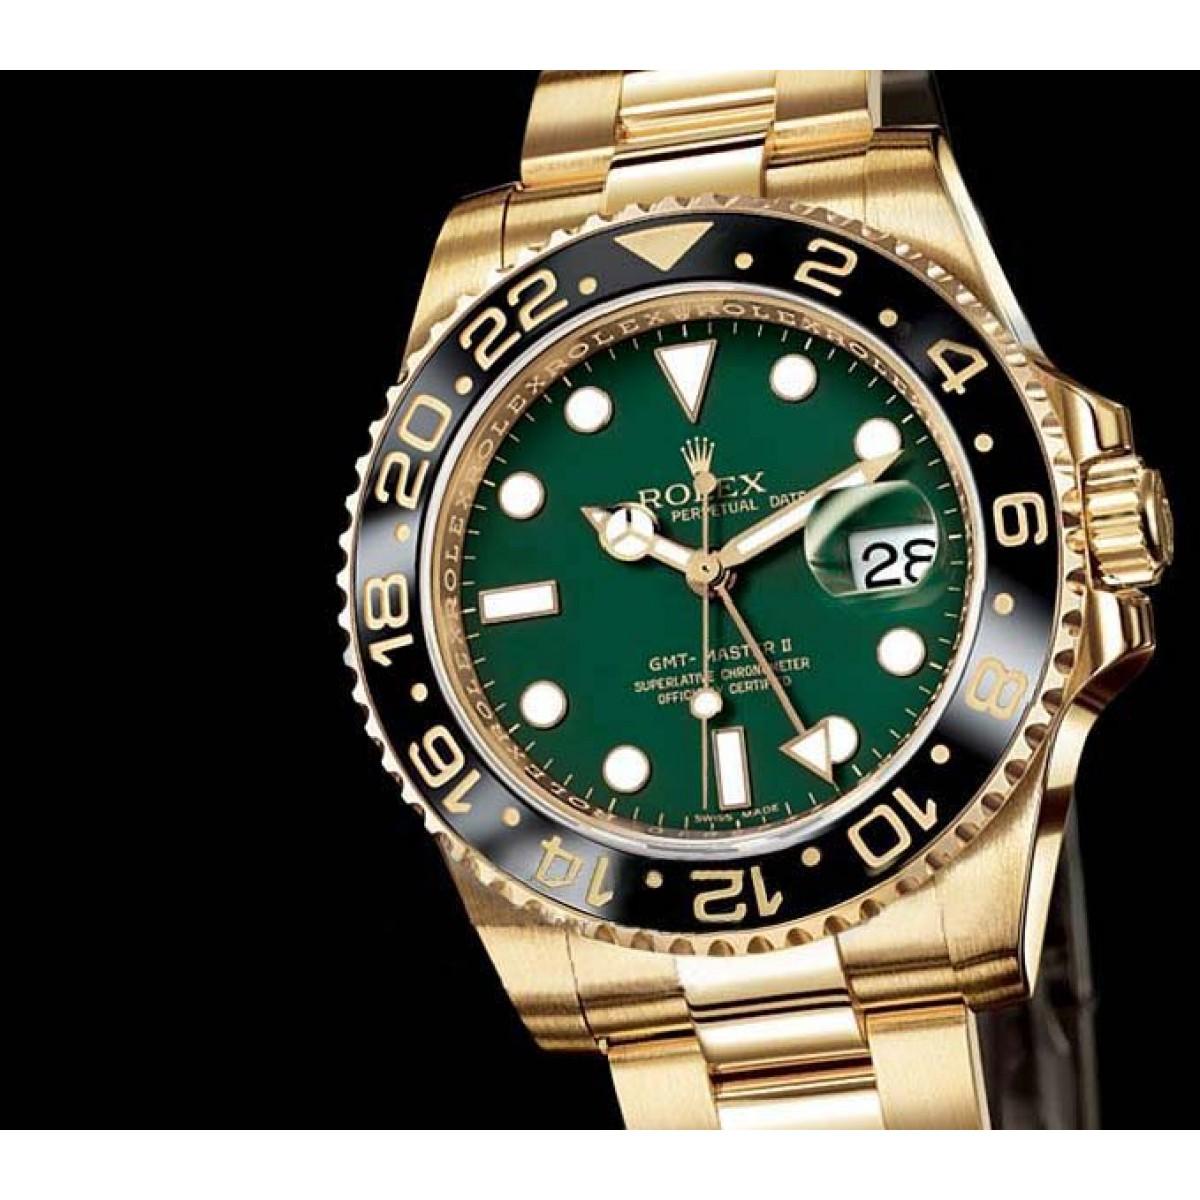 d6318aeca21 Espiar · Relógio Réplica Rolex GMT Master II